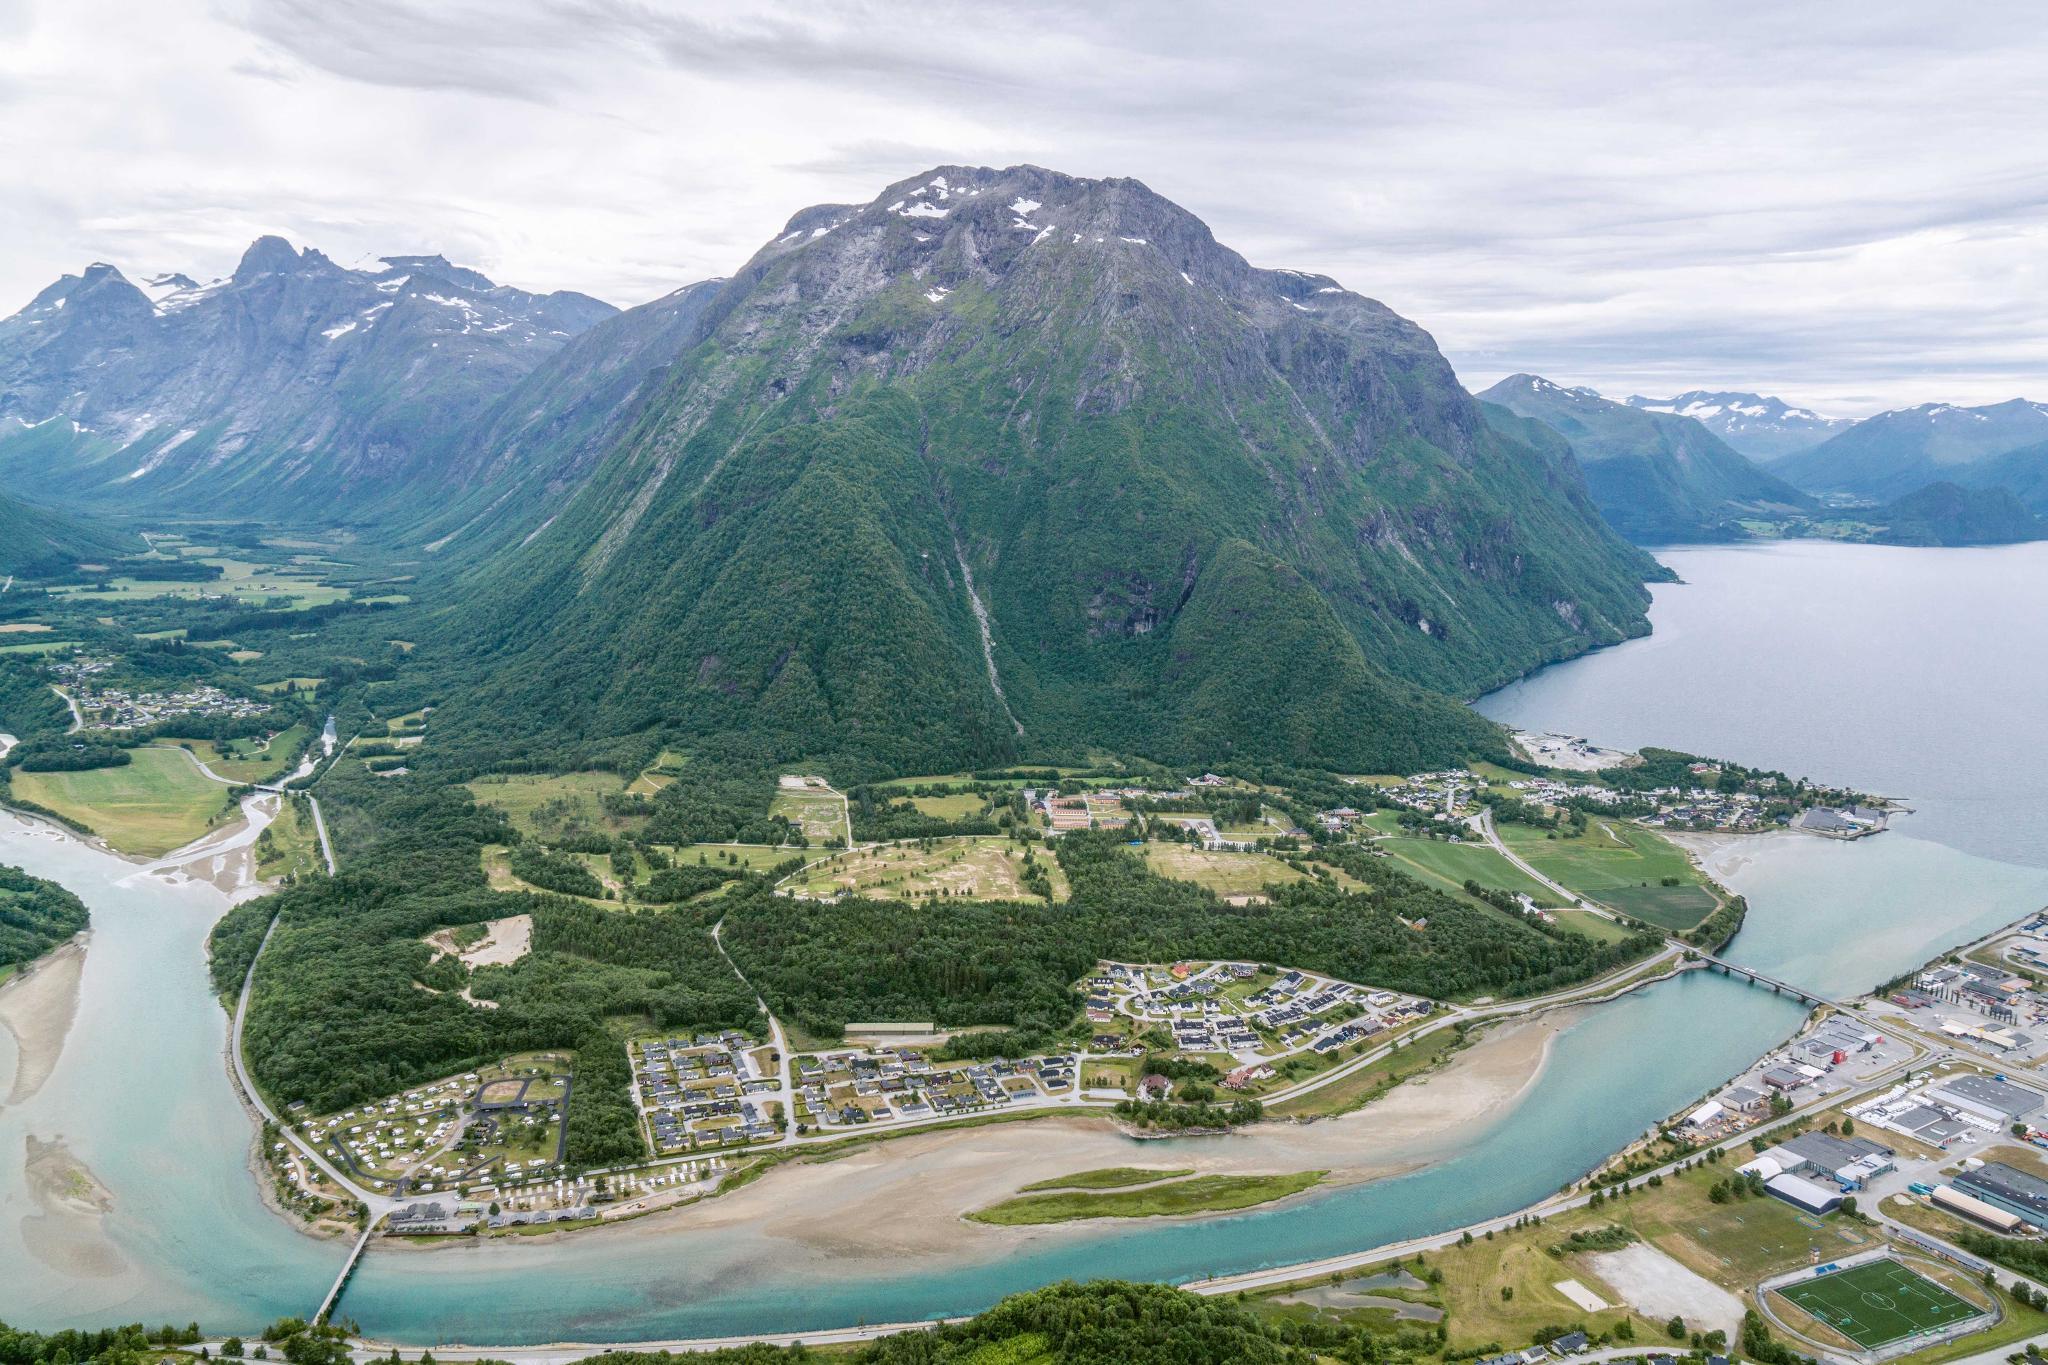 【北歐景點】峽灣區起點Åndalsnes健行 - 鳥瞰峽灣全景的Rampestreken觀景台 35